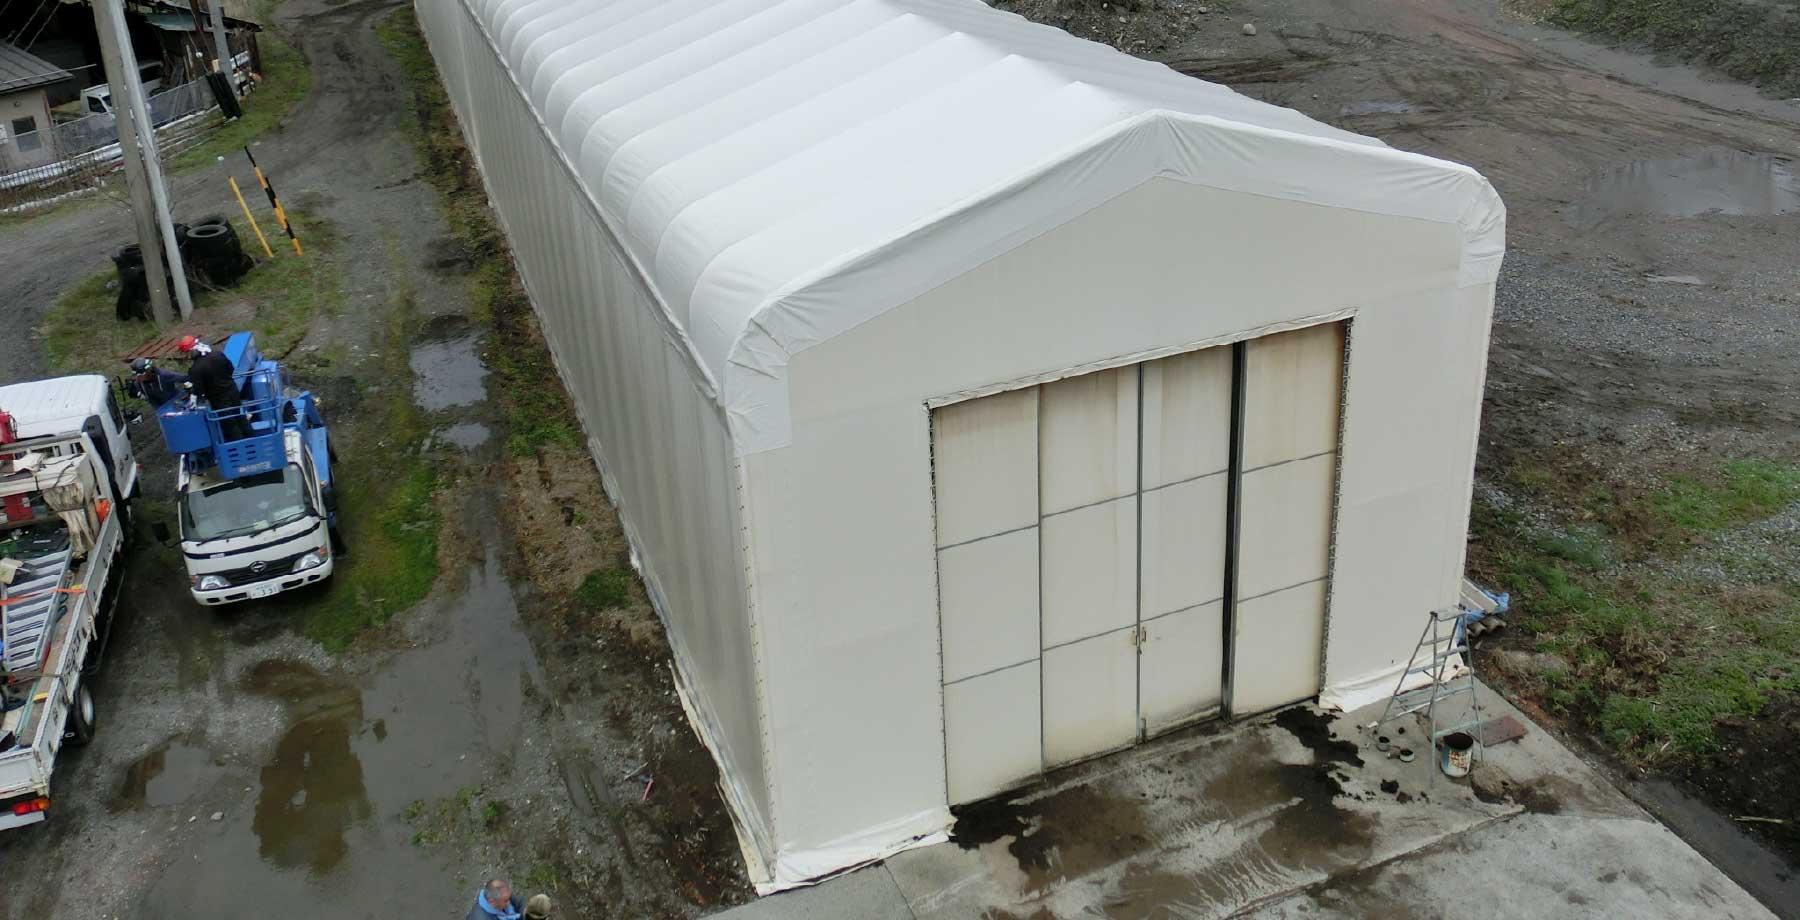 テント倉庫屋根キャップシートの張替え画像2